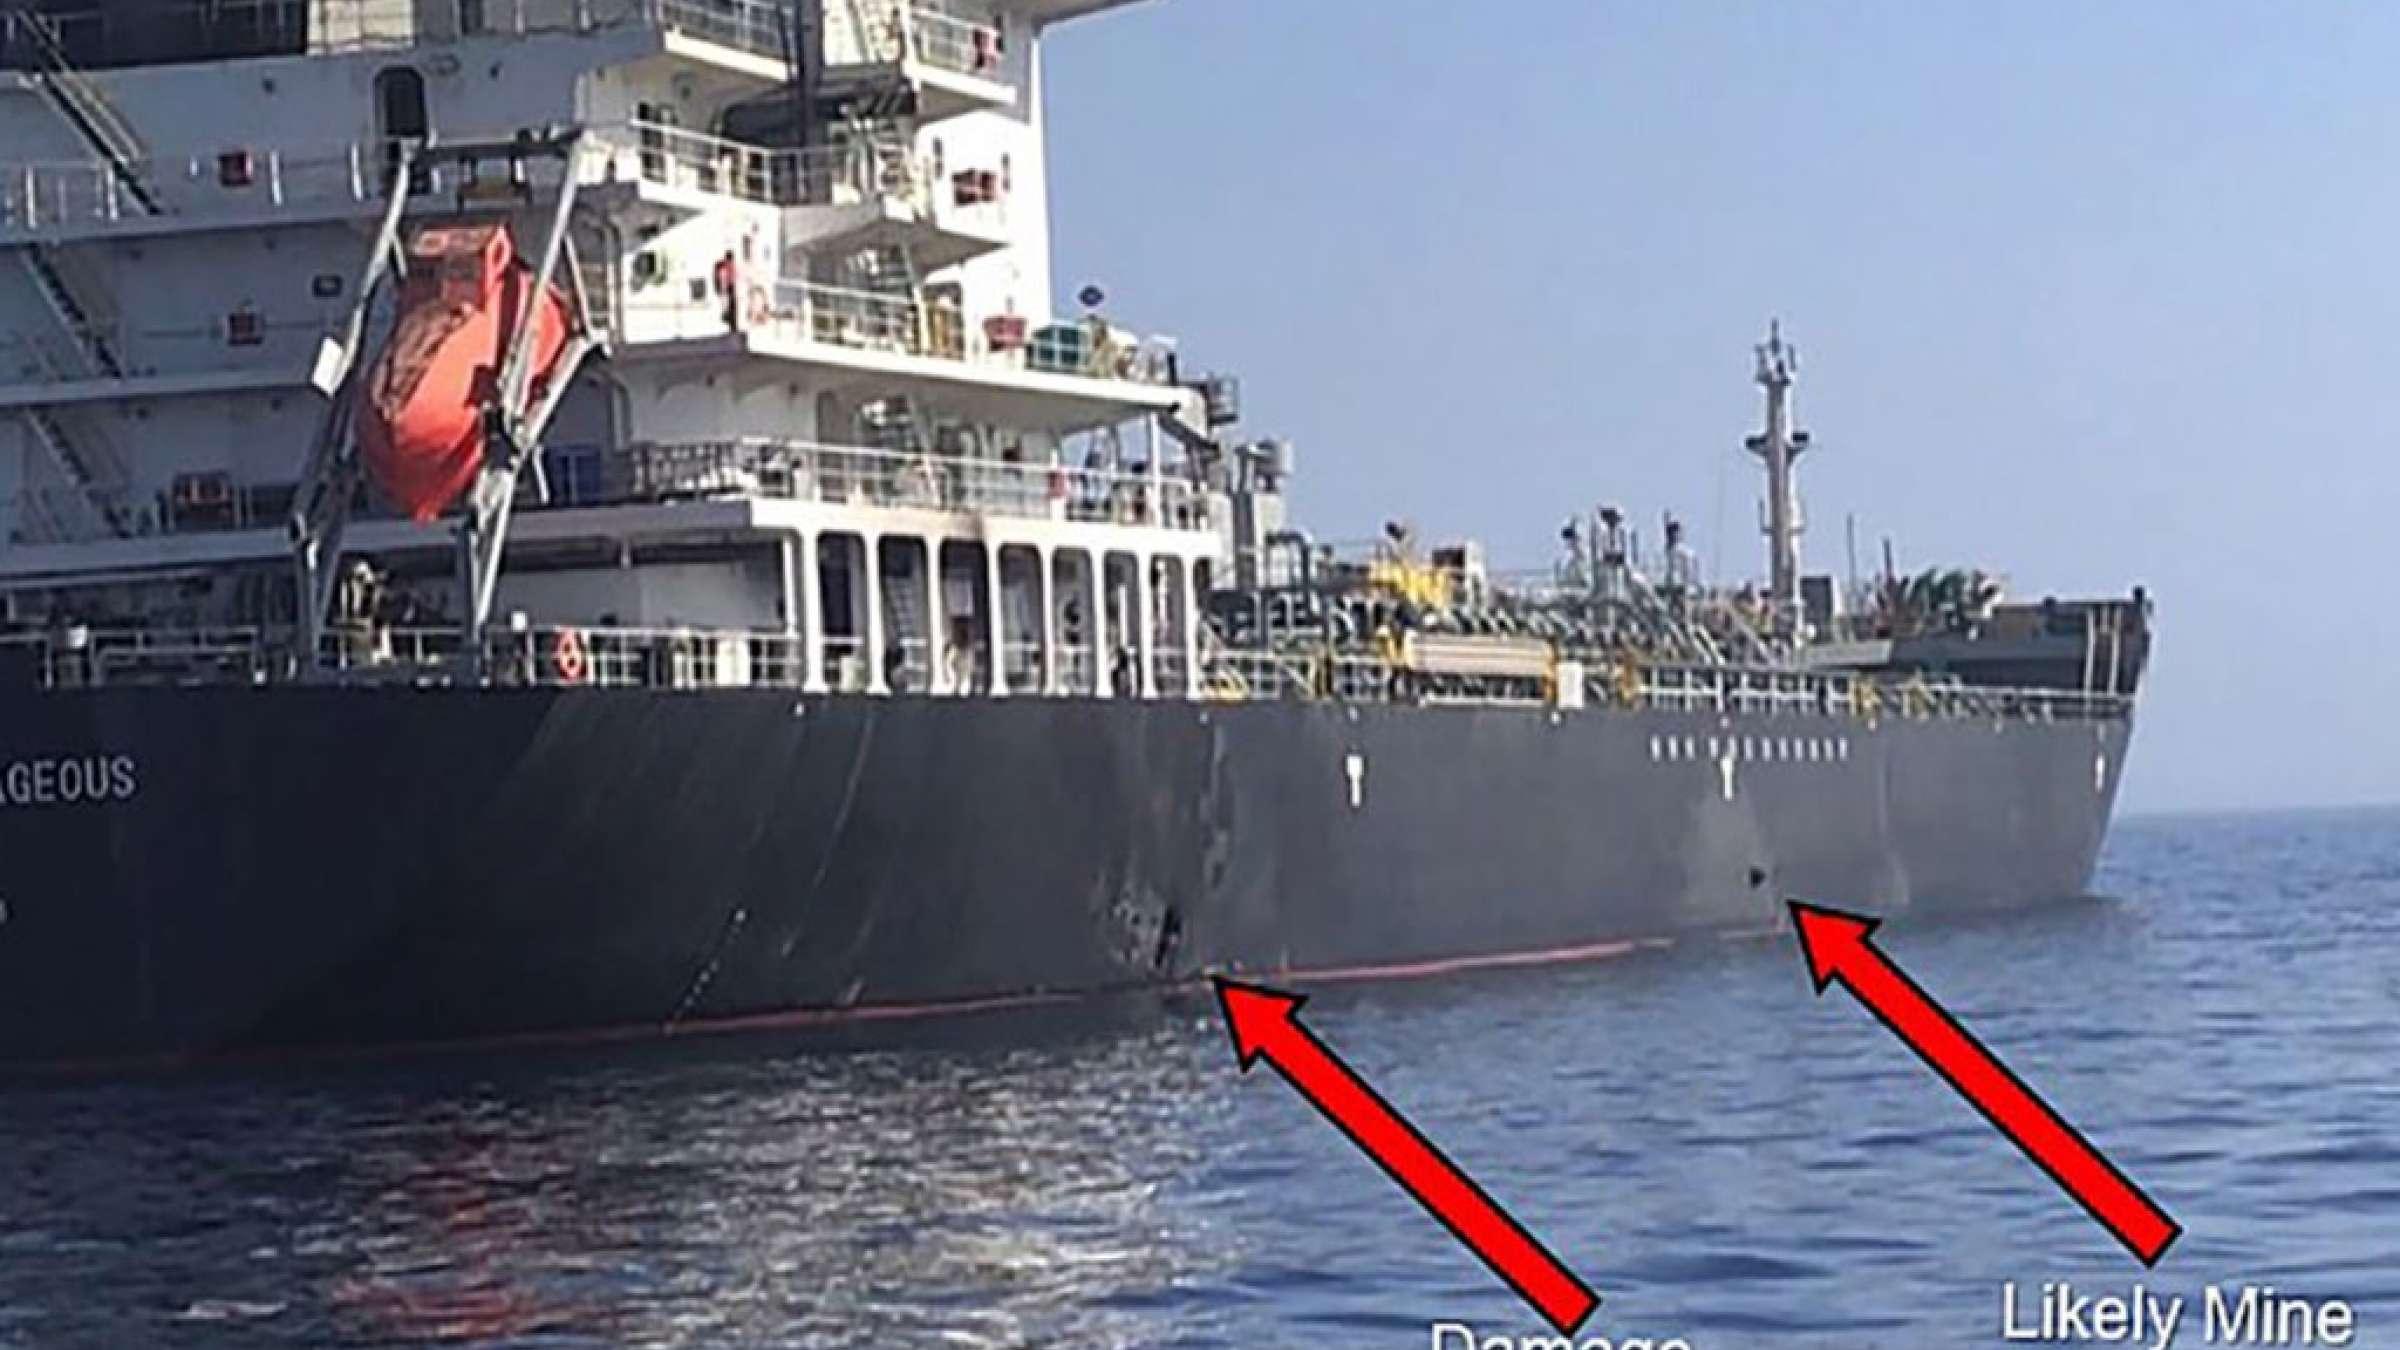 پاسخی-به-حمله-فرضی-ایران-به-دو-کشتی-نفتکش-ایران-تحلیل